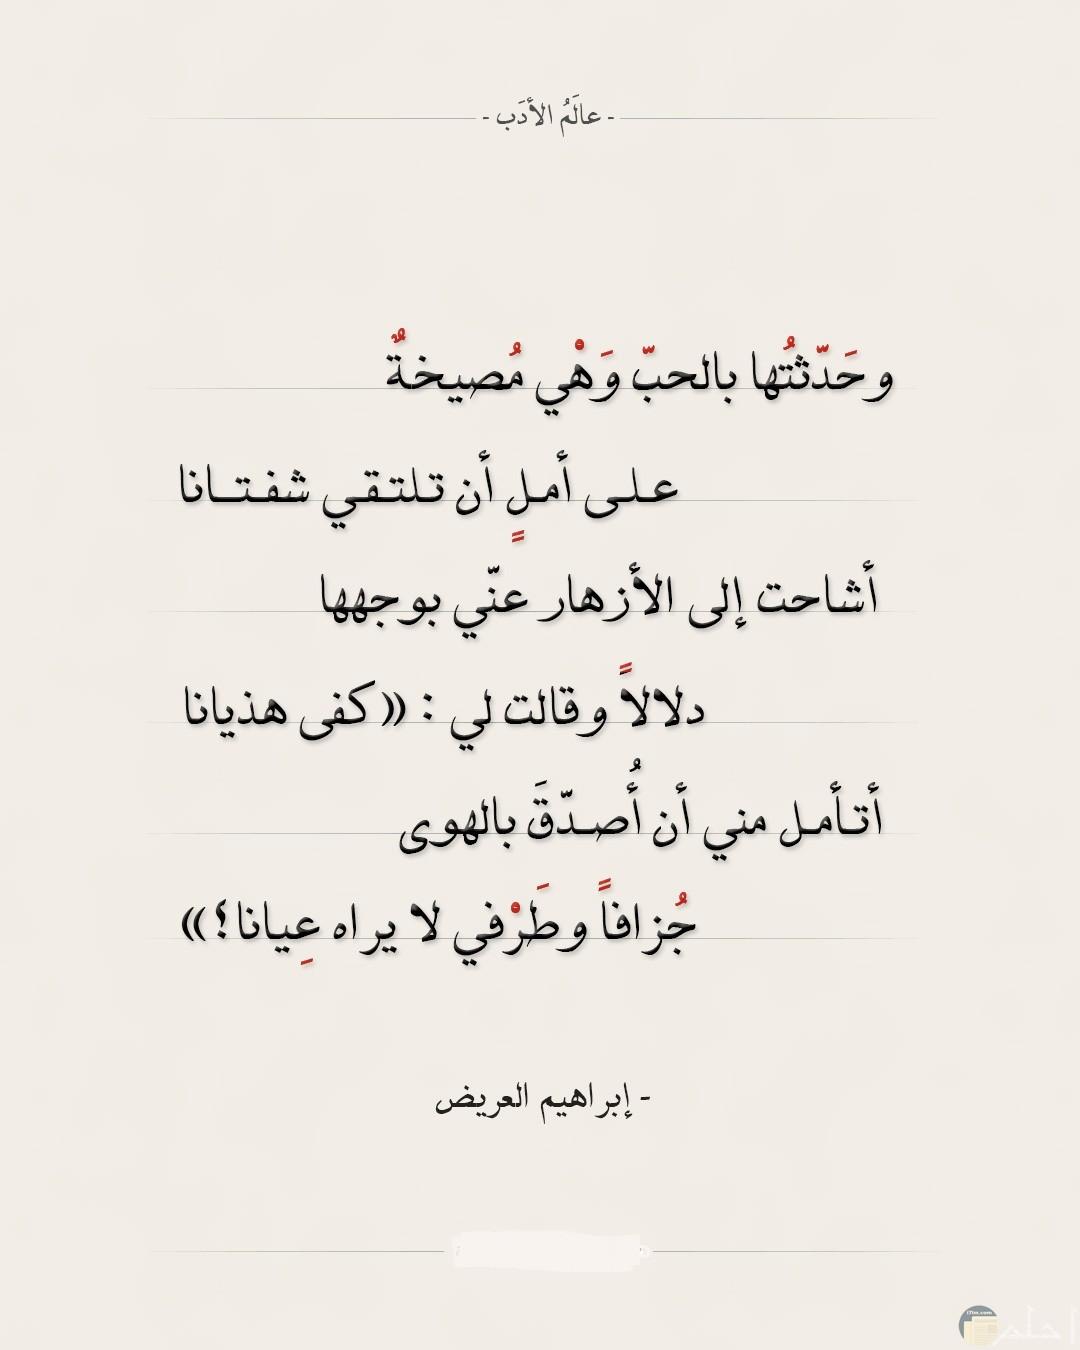 الشاعر إبراهيم العريض_ شعر عن الحب.